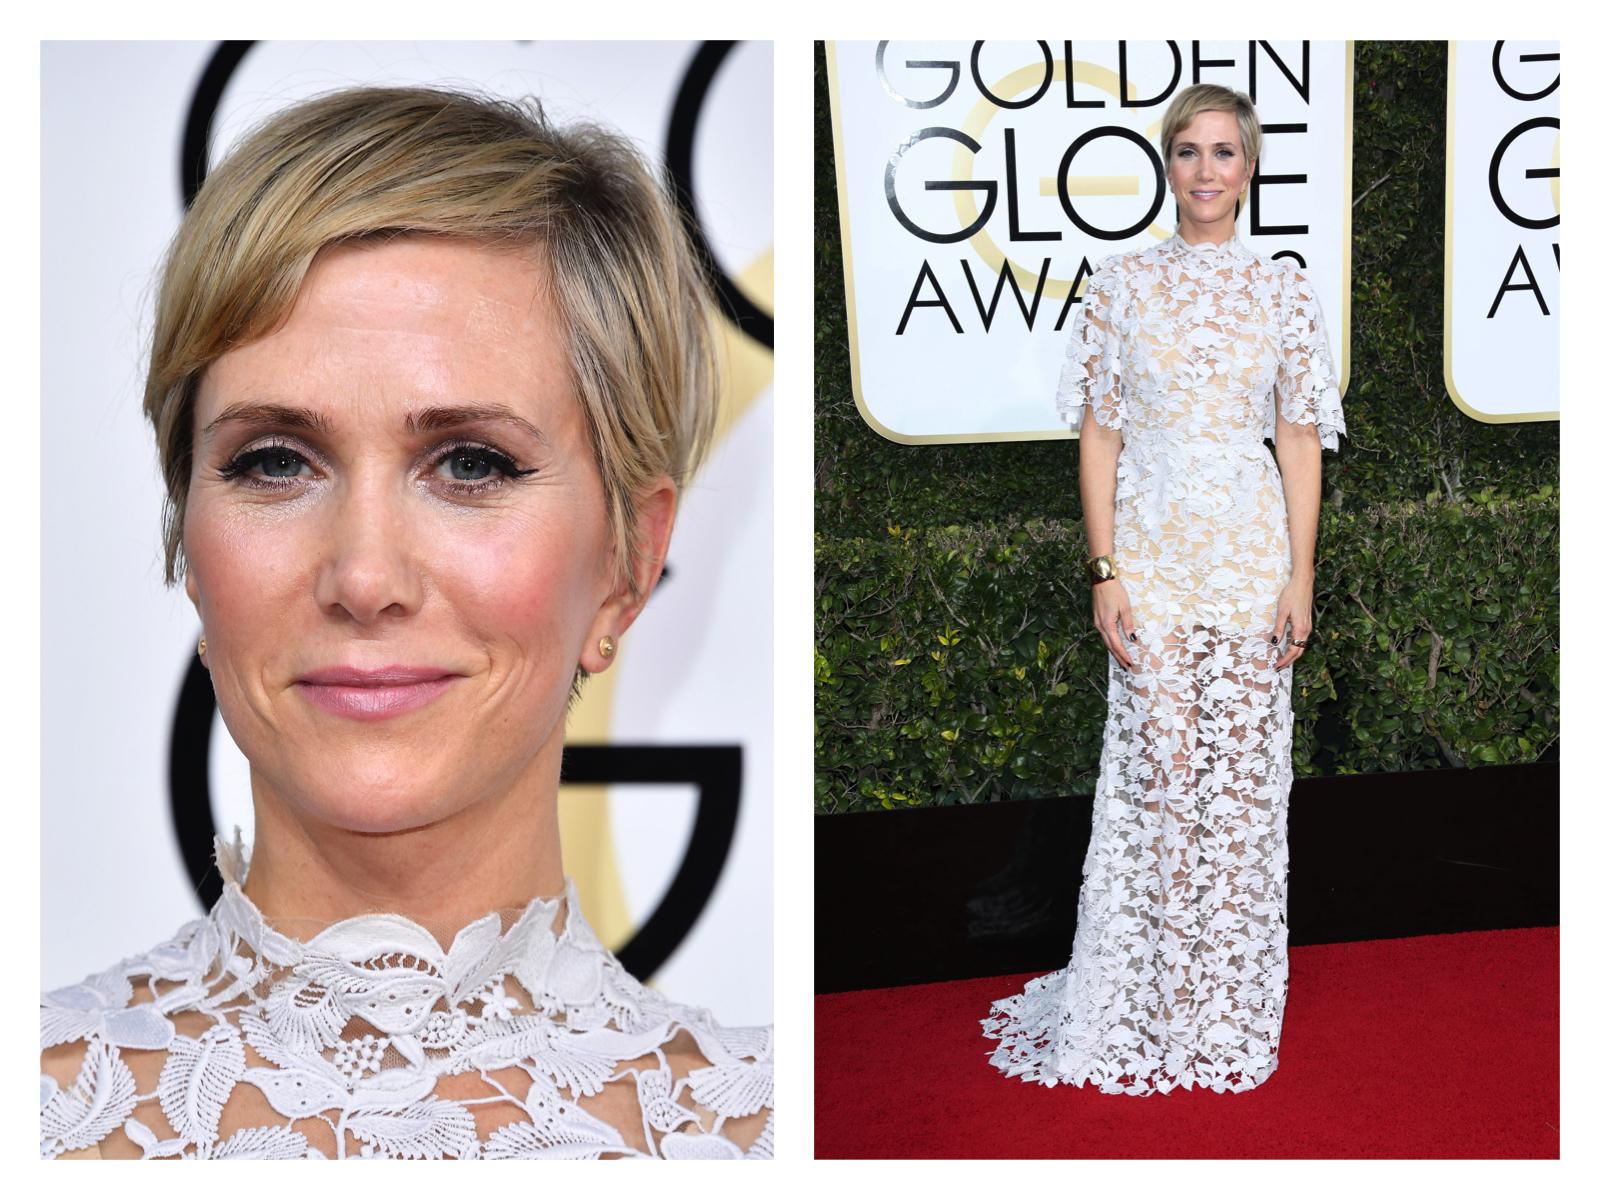 Kristen Wiig/Golden Globe Awards